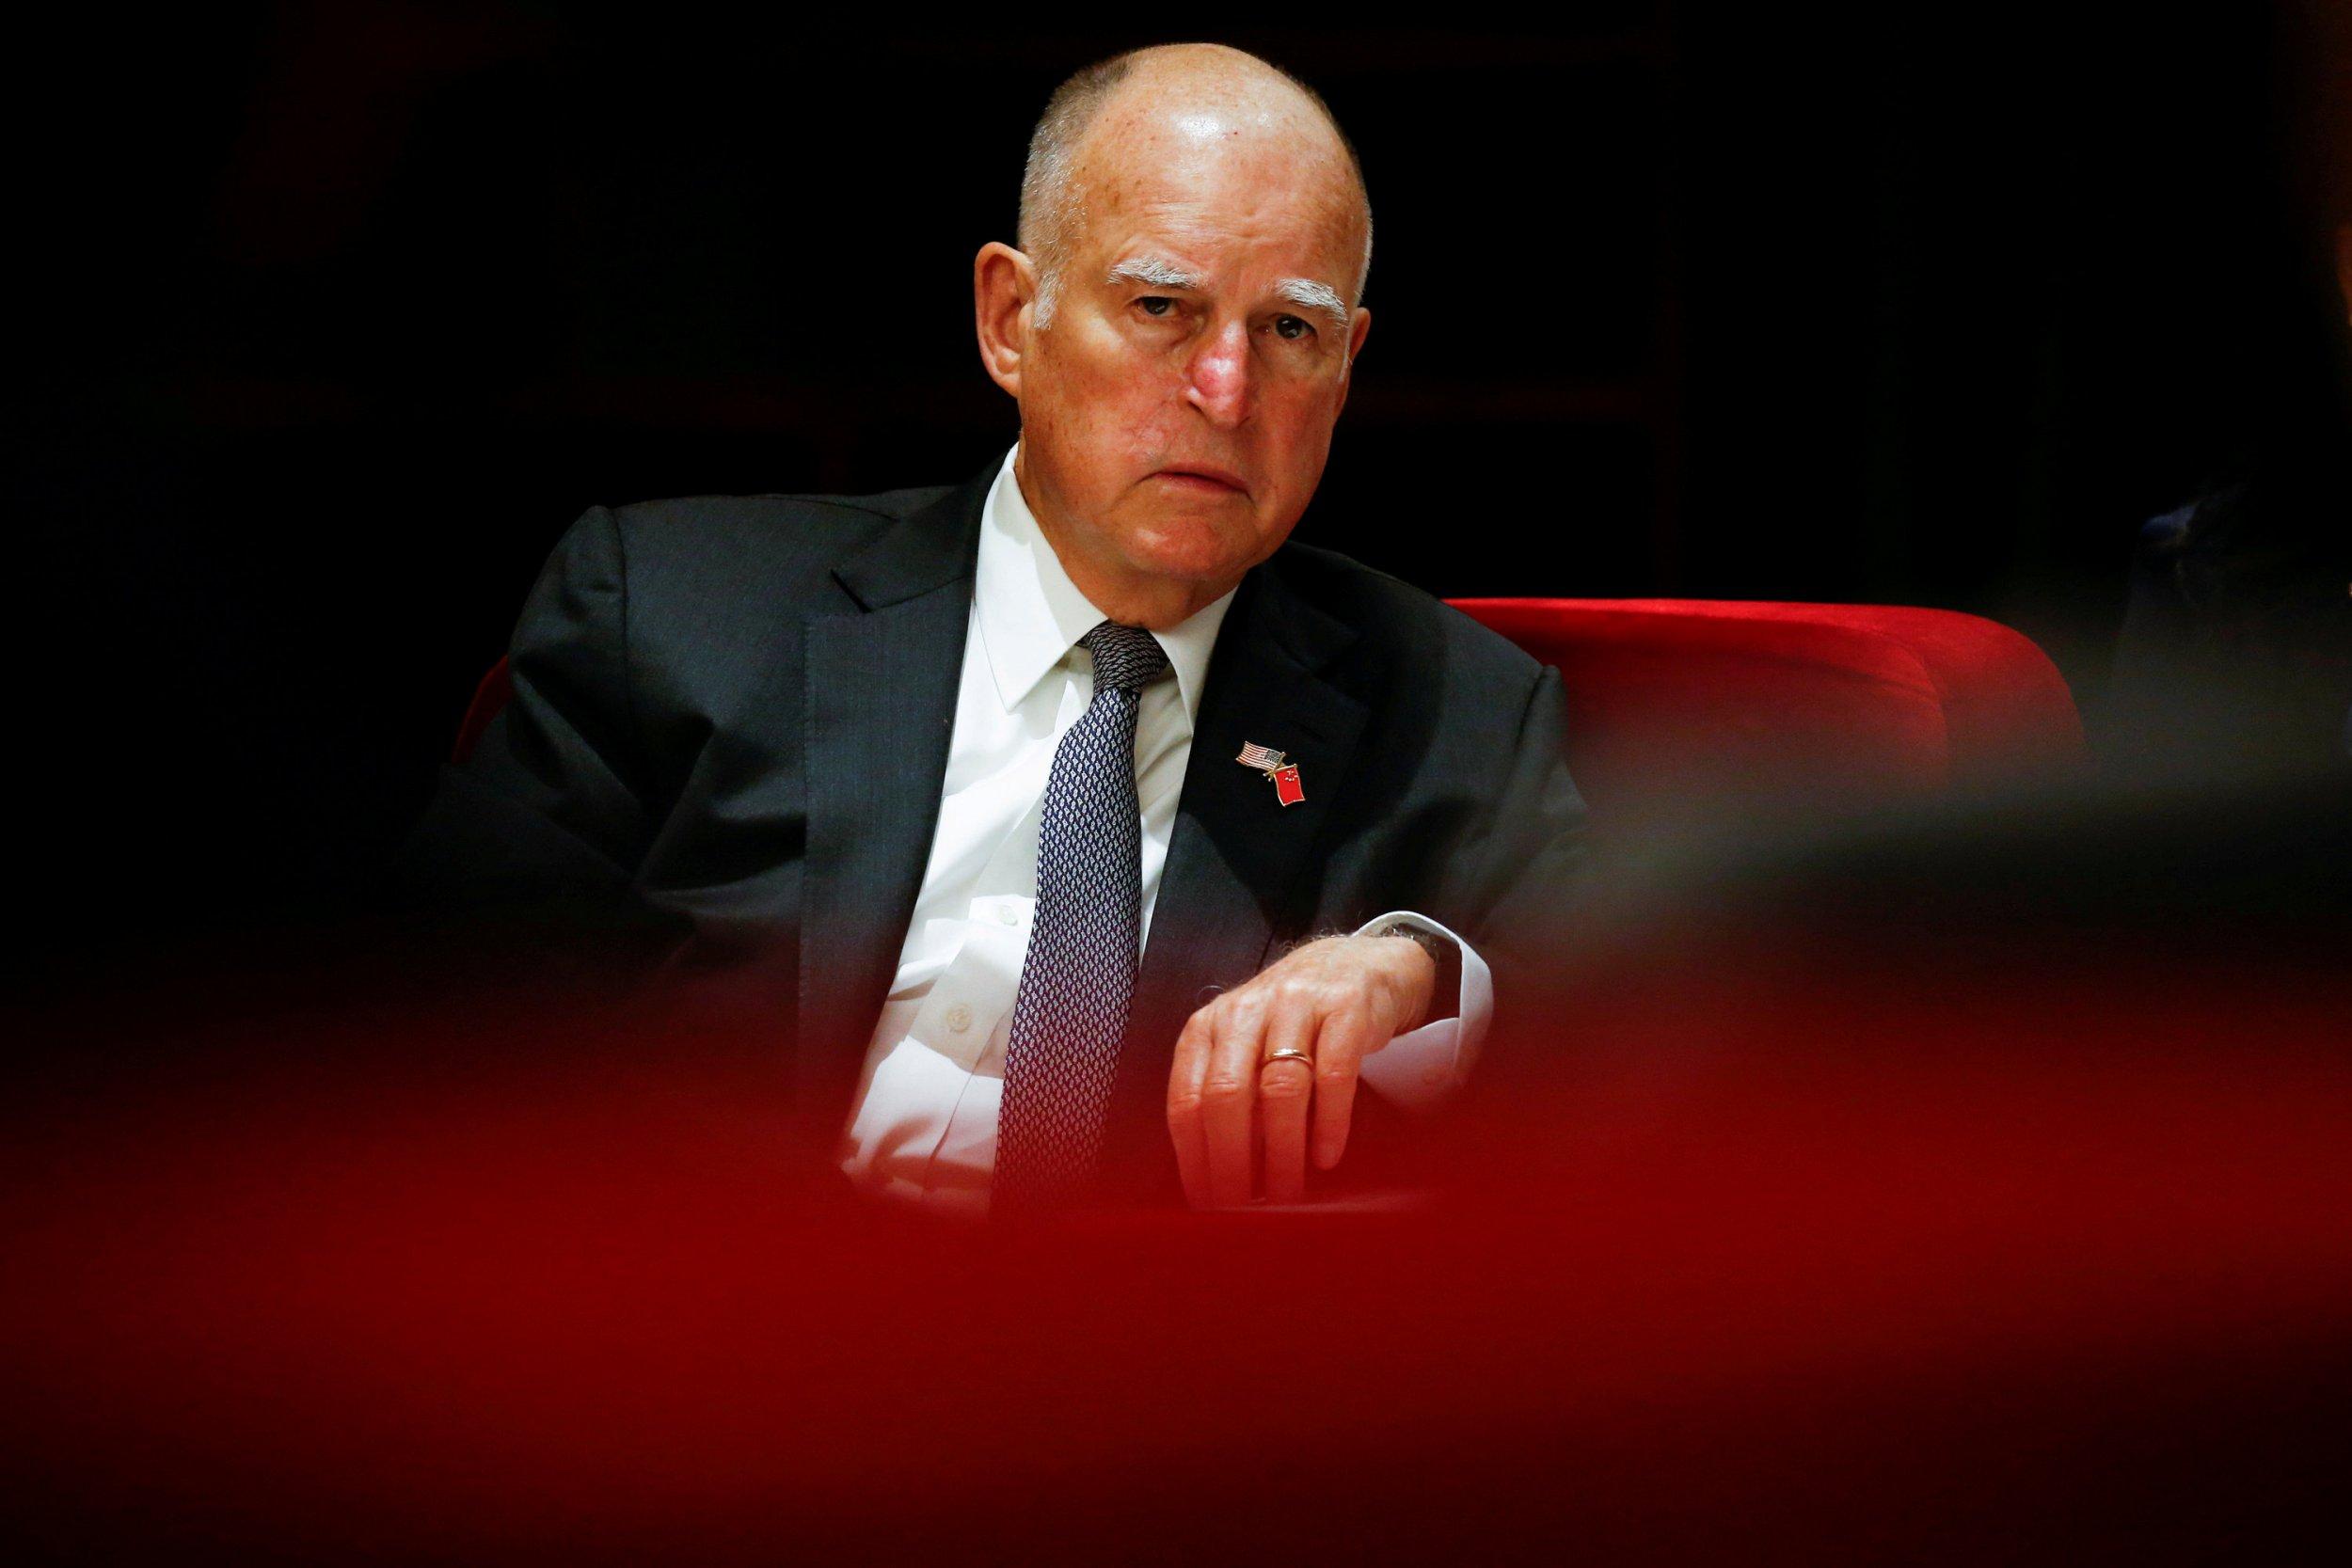 2017-09-16T104229Z_2_LYNXNPED8E0SC_RTROPTP_4_CALIFORNIA-POLITICS